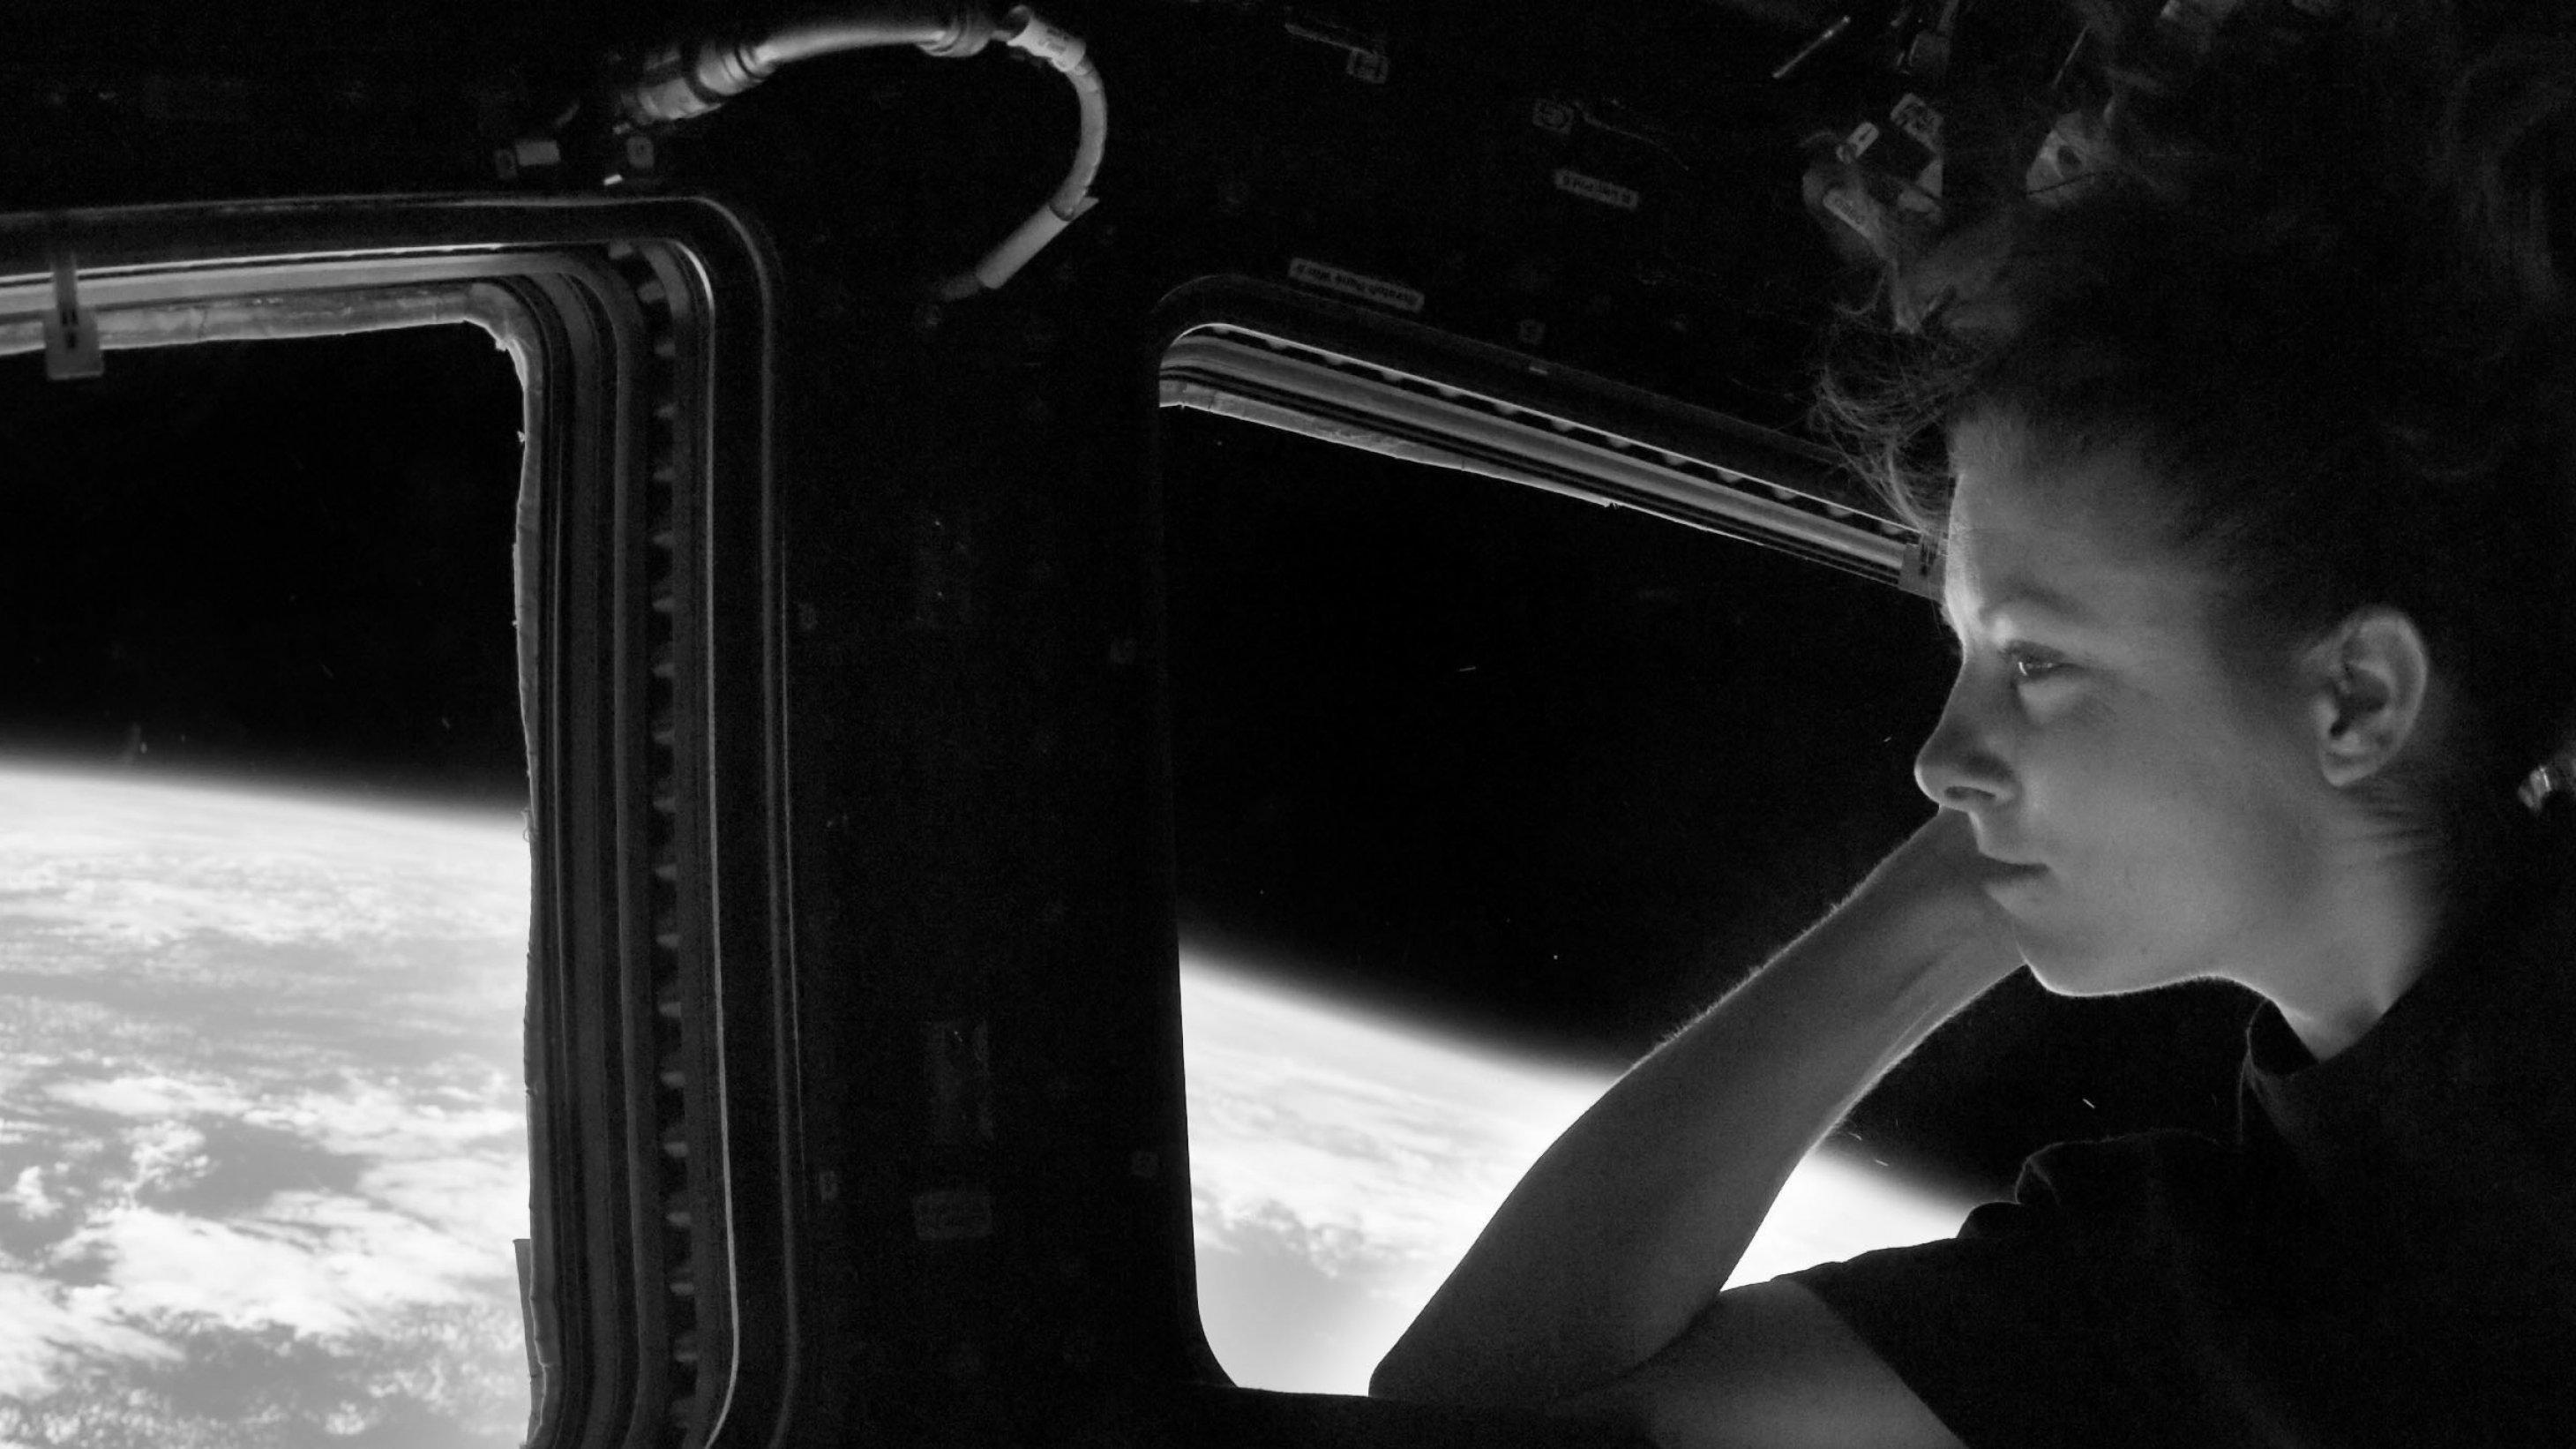 Eine NASA-Astronautin in schwarzem T-Shirt schaut aus einem Fenster der Raumstation und tut so, als würde sie ihren Kopf auf den Arm aufstützen (es sieht sehr entspannt aus).